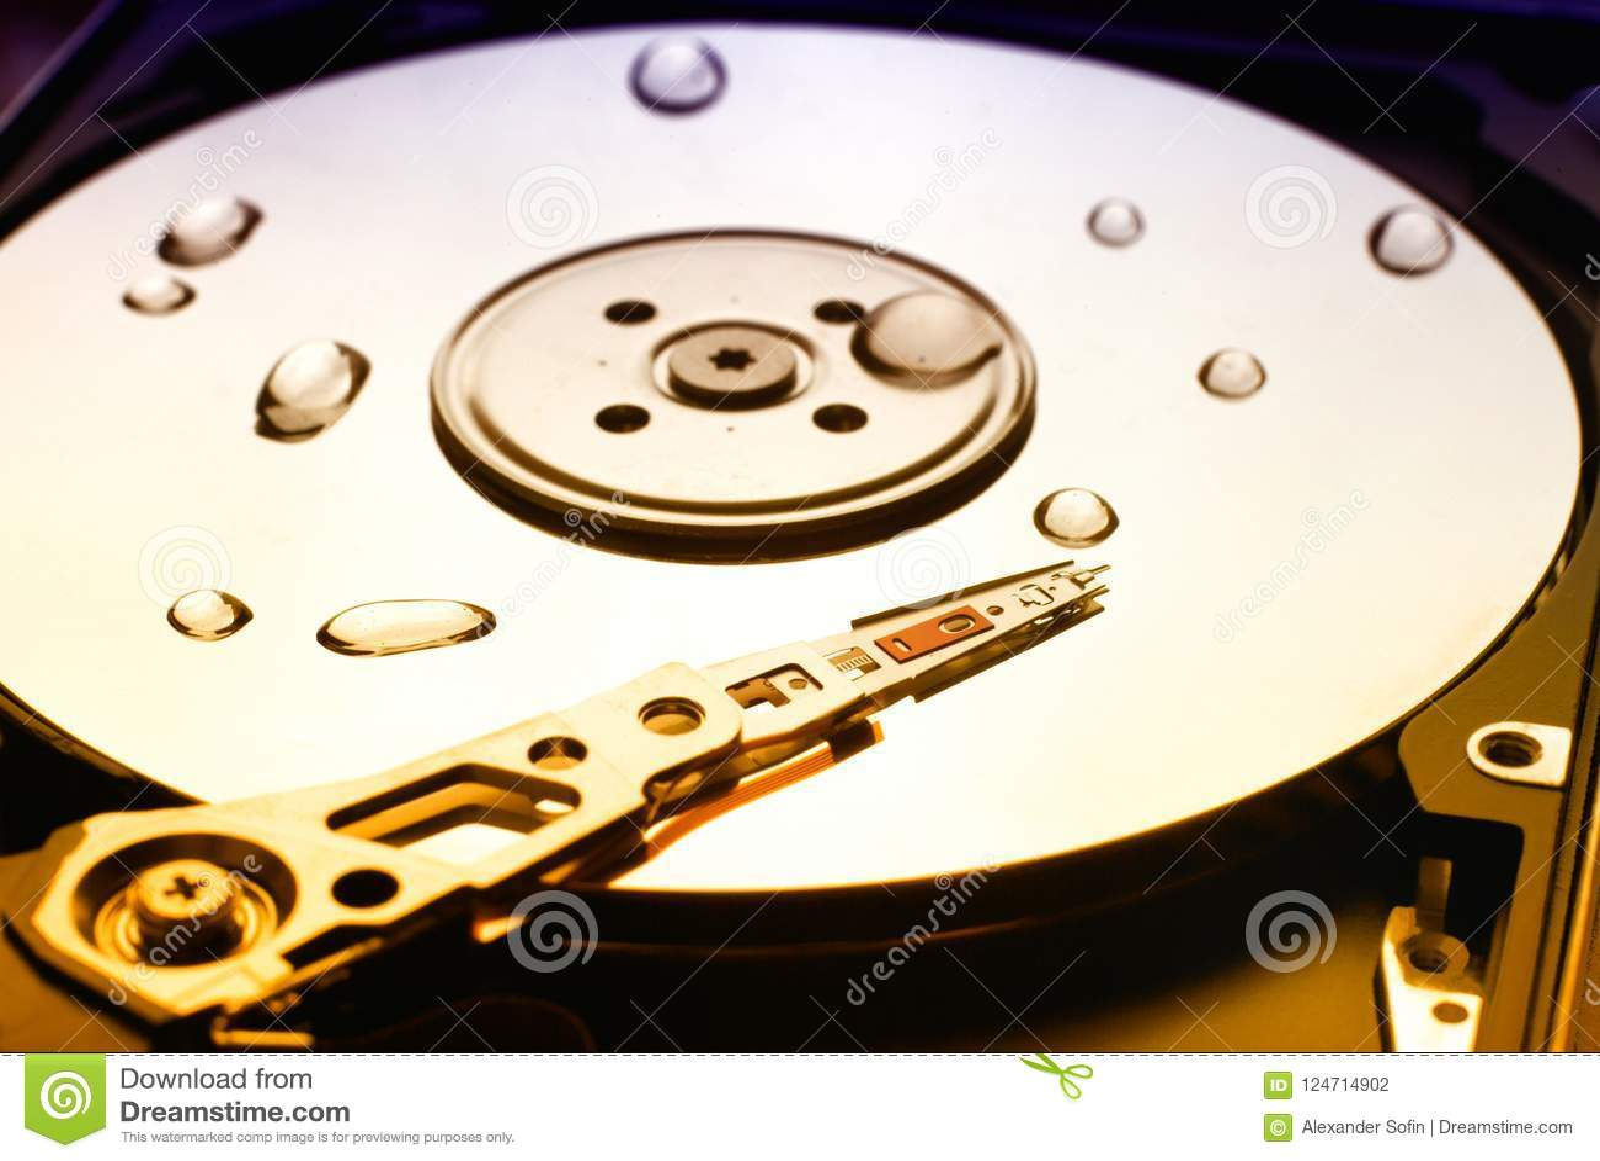 L unité de disque dur d ordinateur avec de l eau la tête de lecture et chute là-dessus